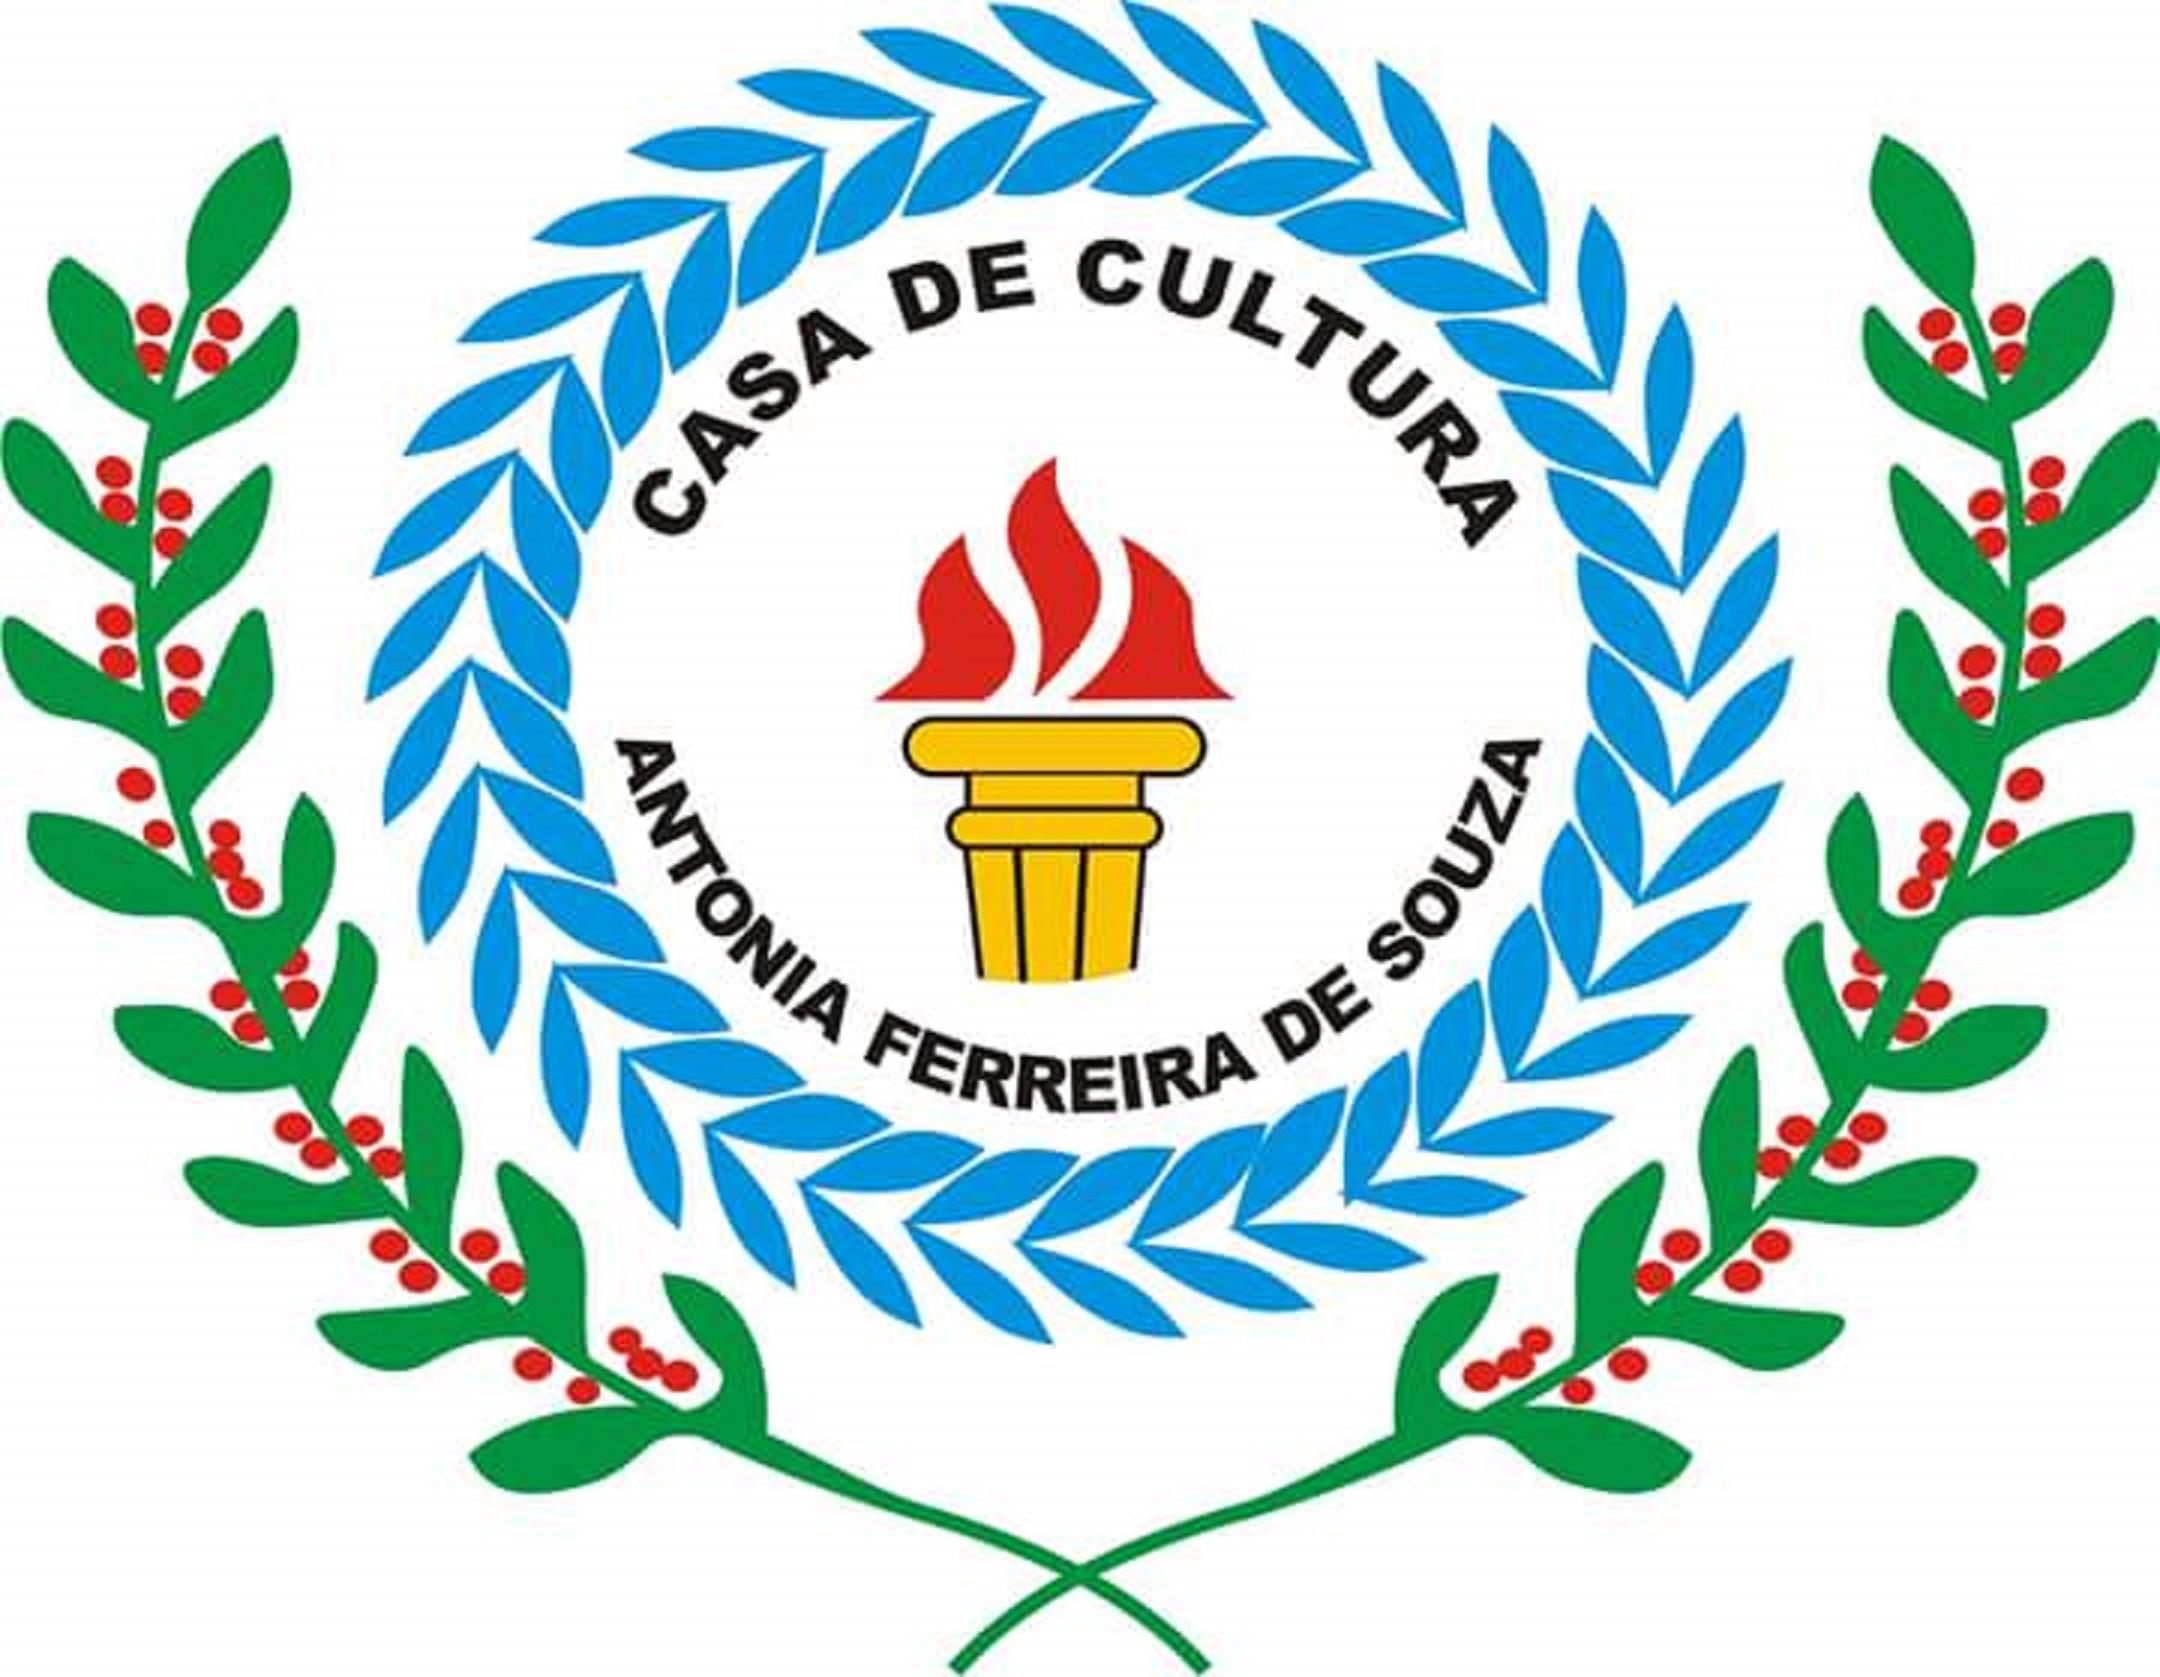 ass. casa de cultura antônia f. de souza